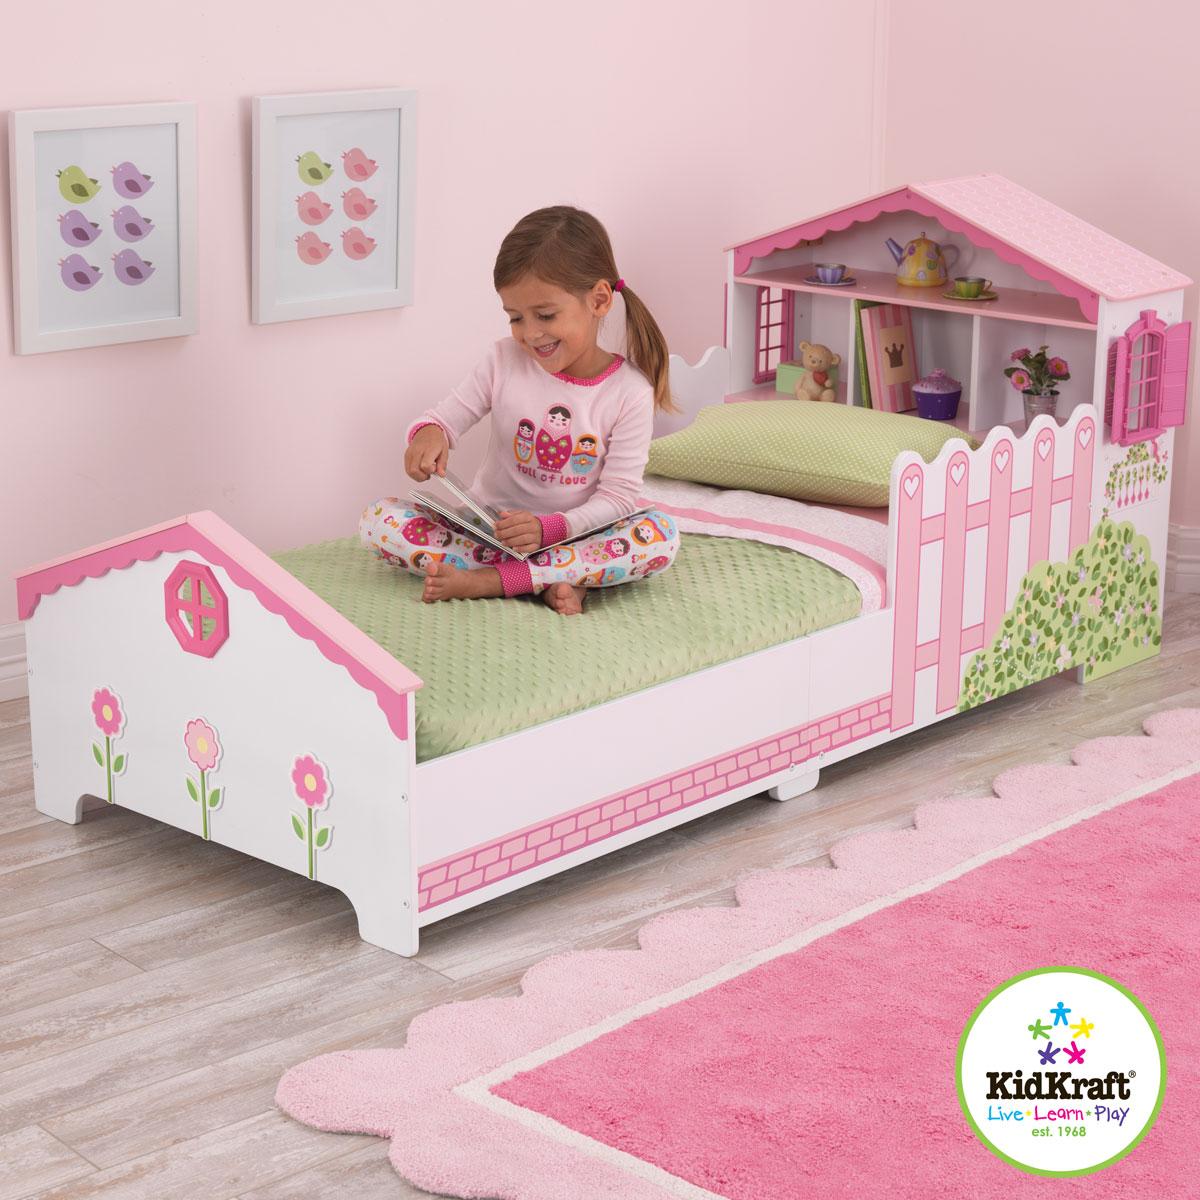 kidkraft dollhouse toddler bed 76255. Black Bedroom Furniture Sets. Home Design Ideas